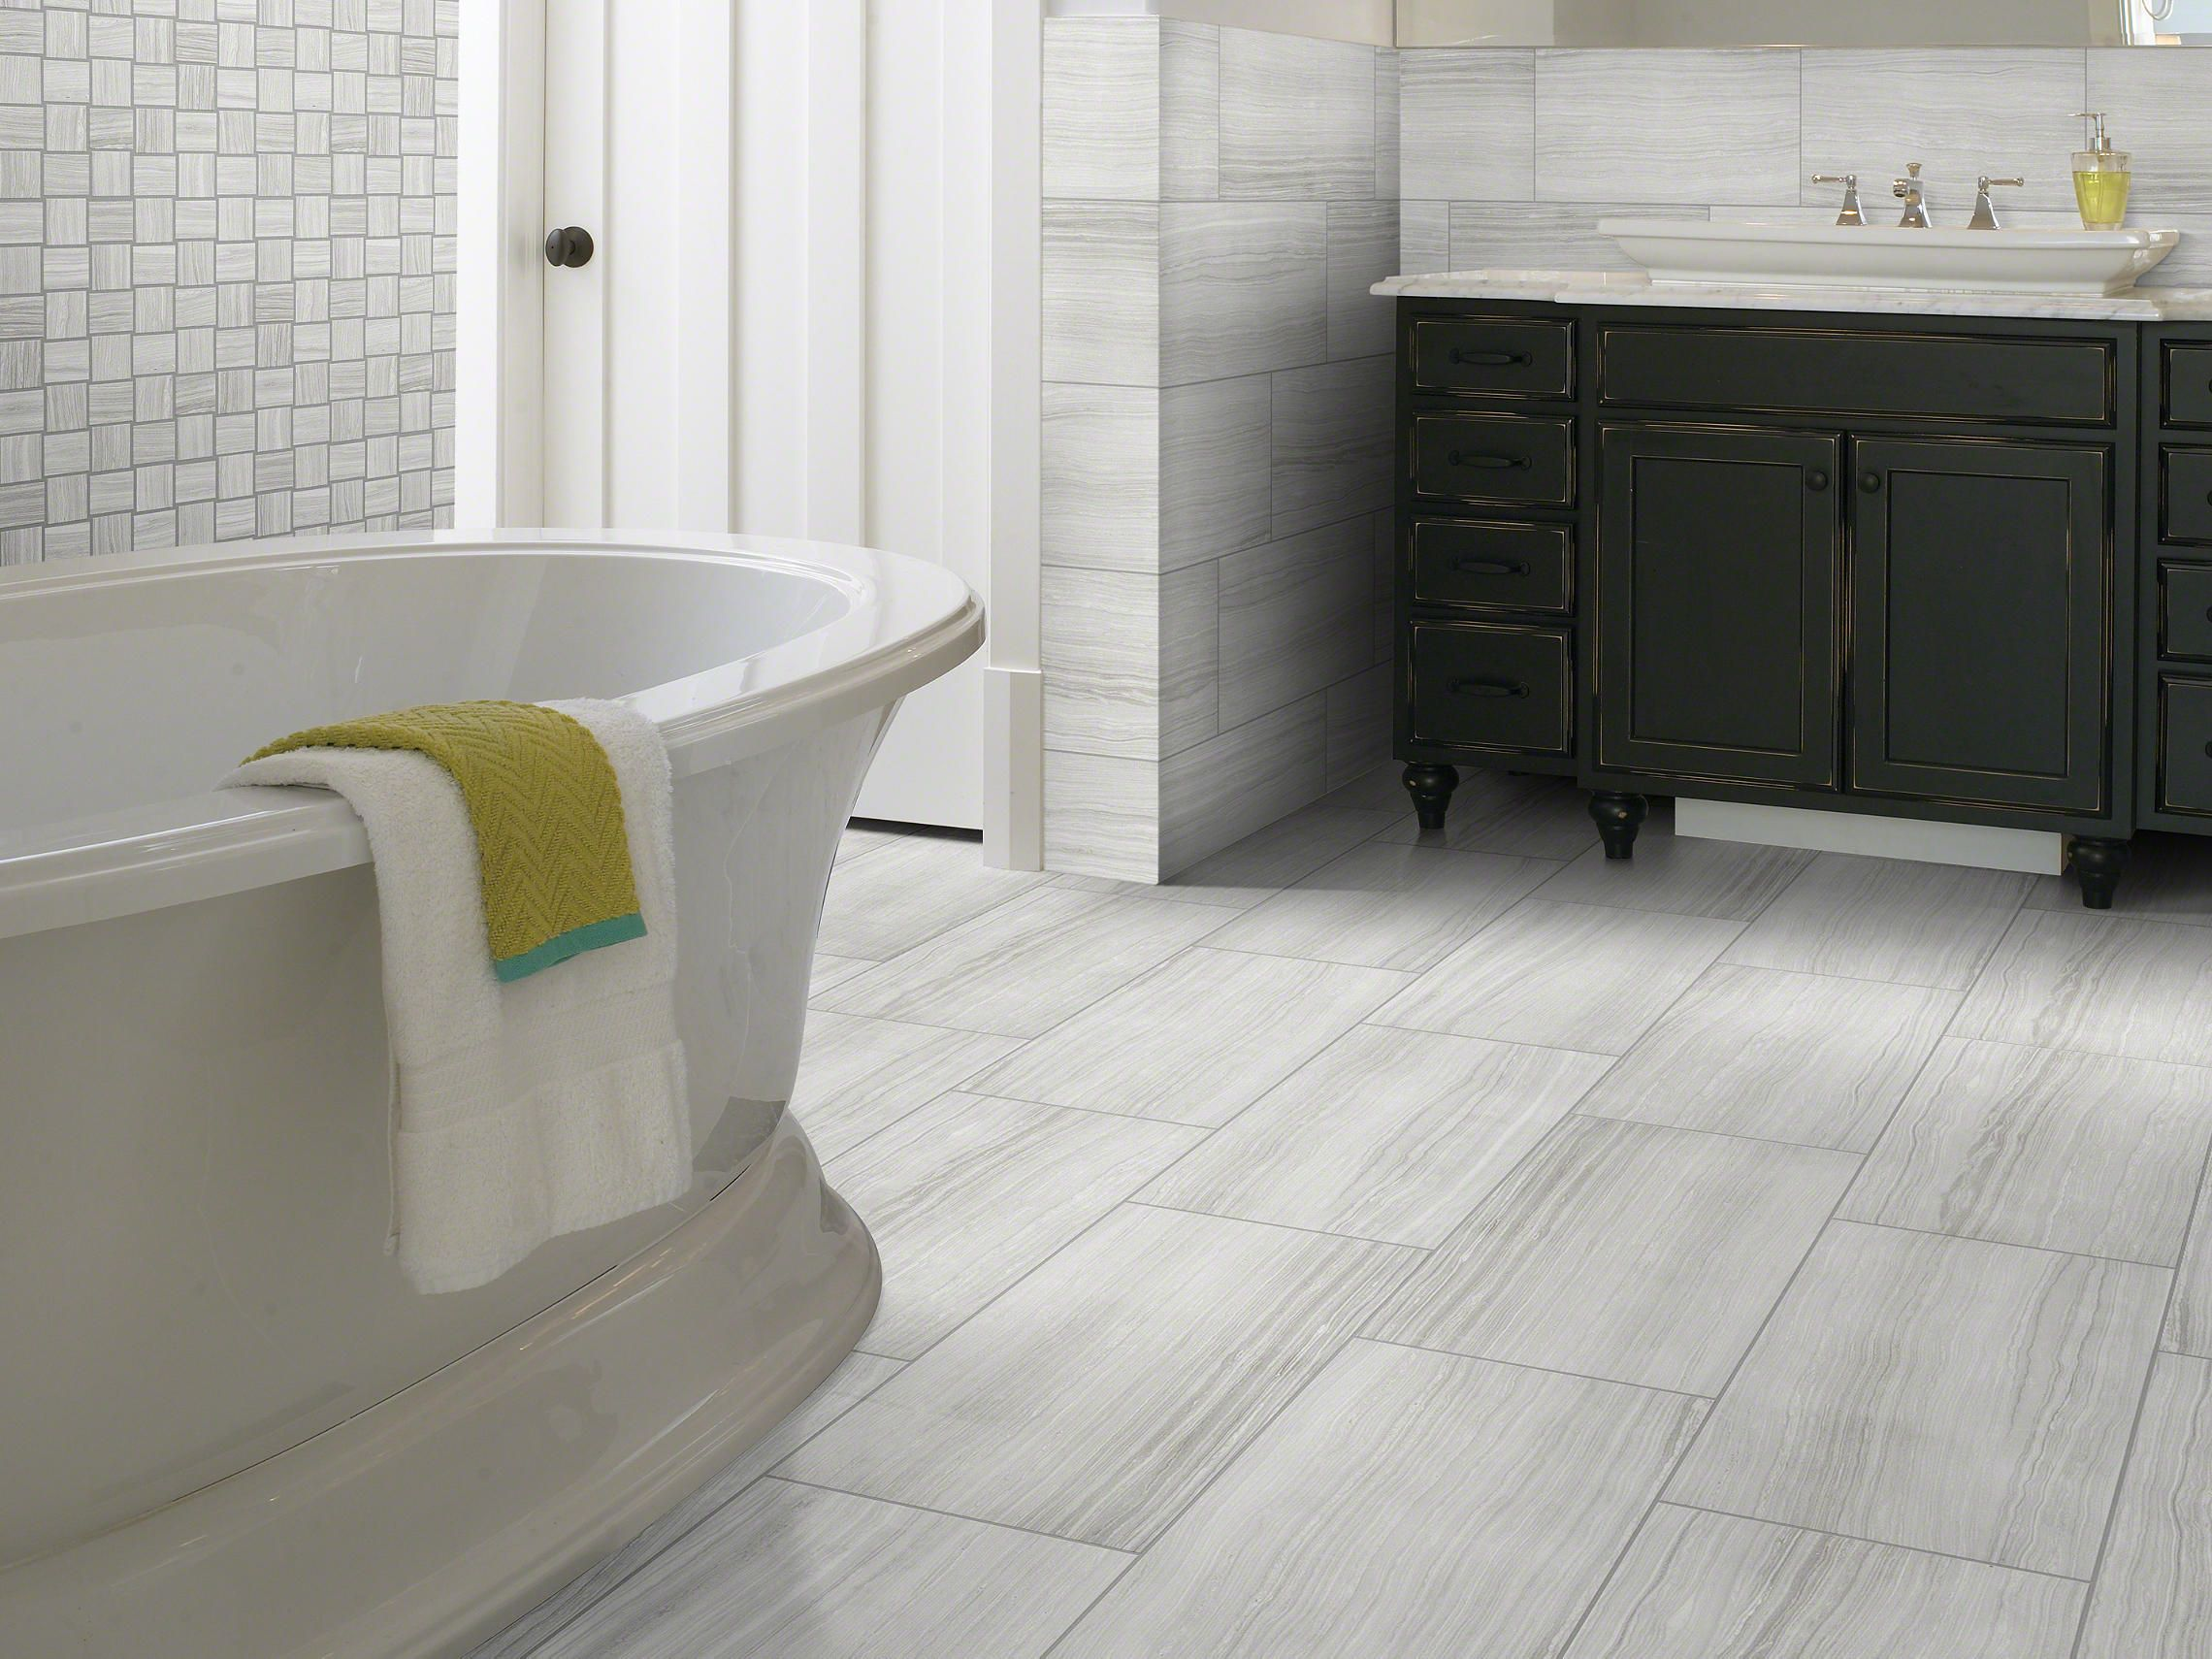 Lockport Glacier Tile for Master Bath Floor New House